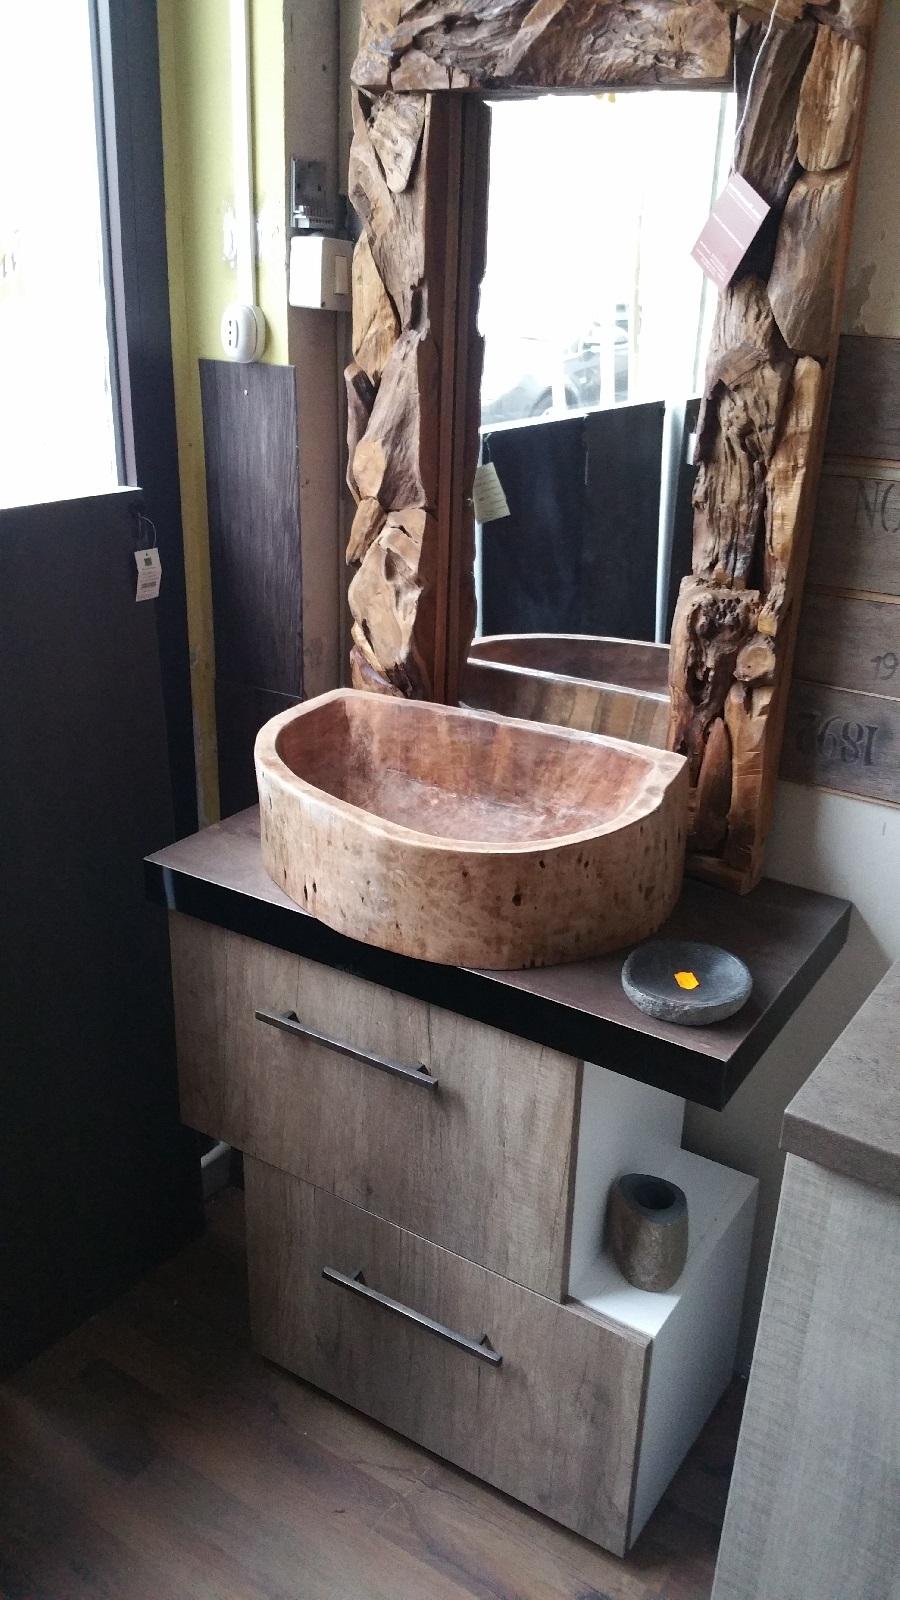 Outlet etnico mobile bagno due ante colore essenza rovere - Mobile bagno etnico ...